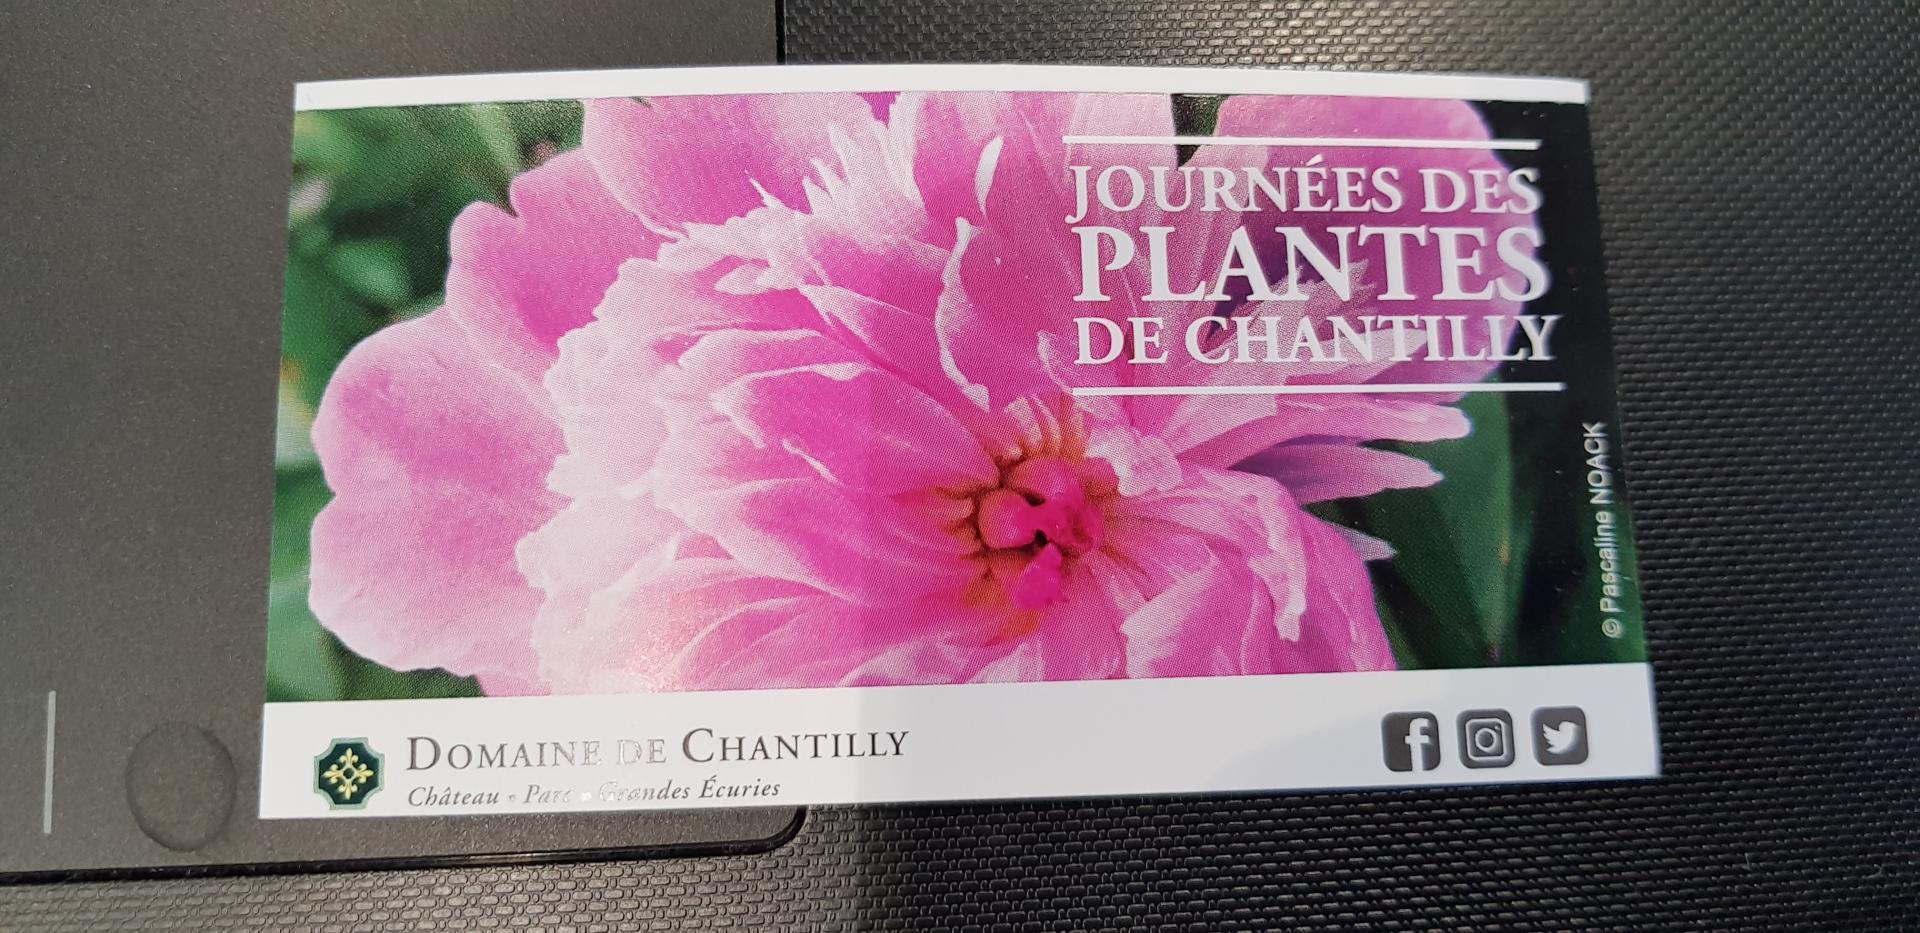 Journée des Plantes Chantilly